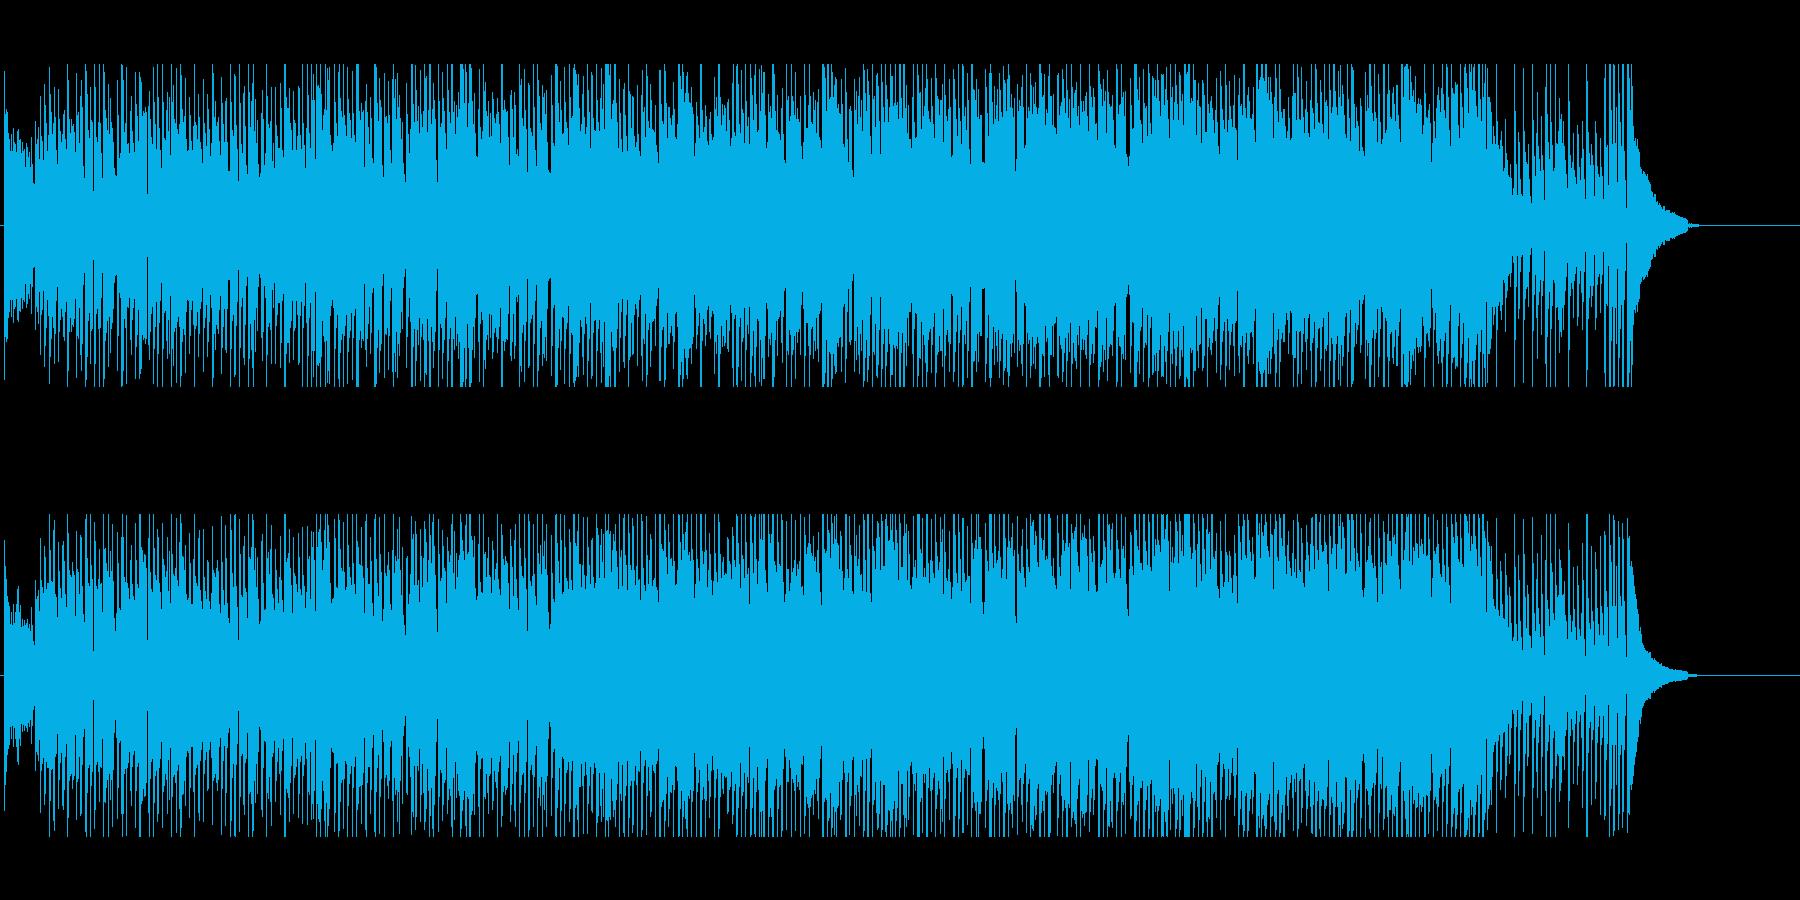 かわいい ほのぼの のんびり 楽しいの再生済みの波形